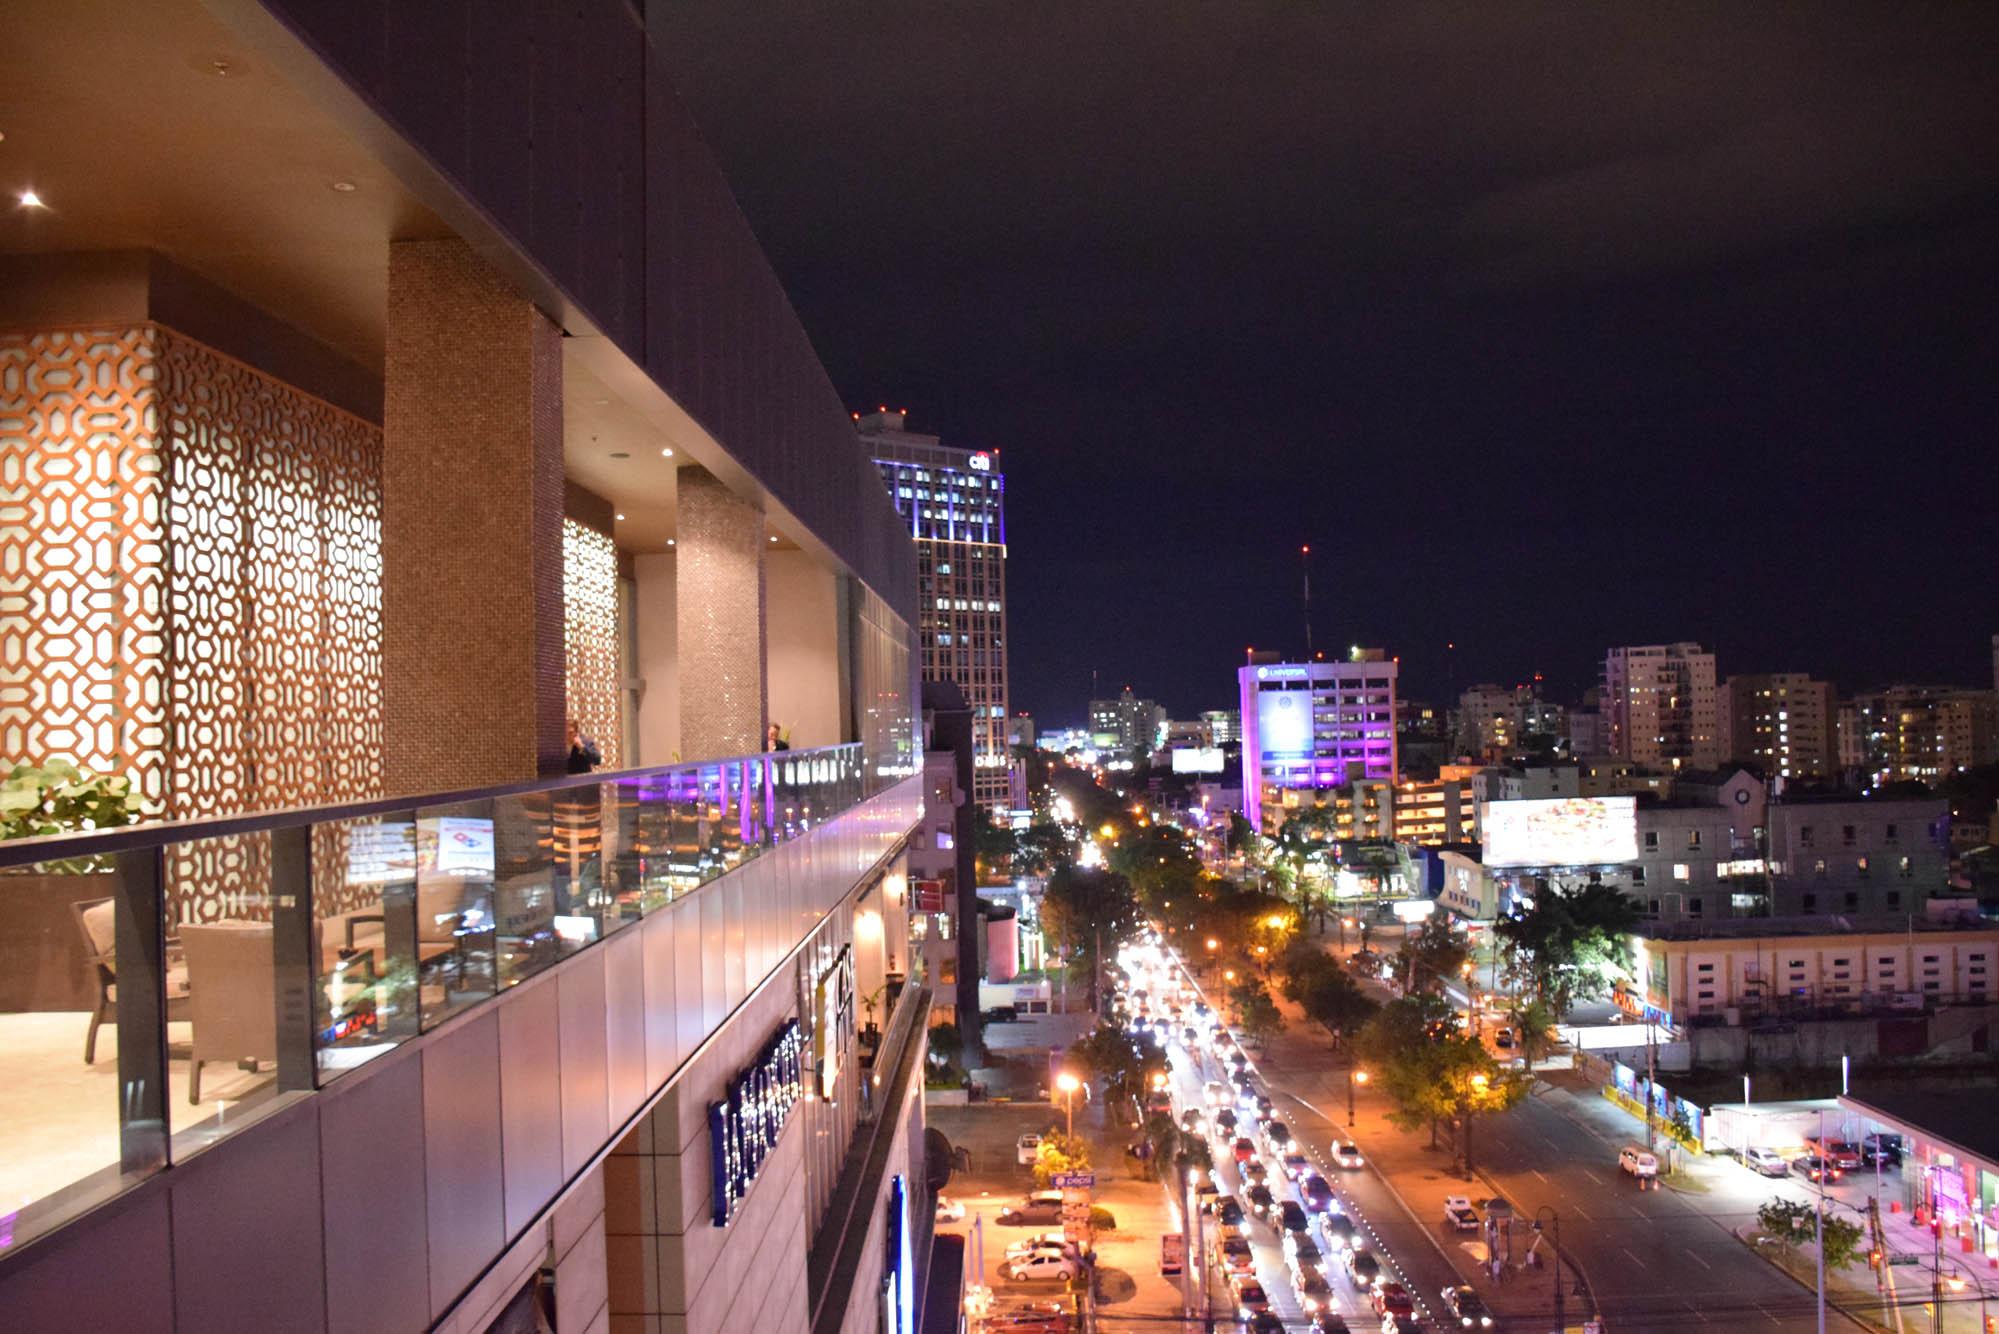 dicas de santo domingo - república dominicana - hotel JW Marriott